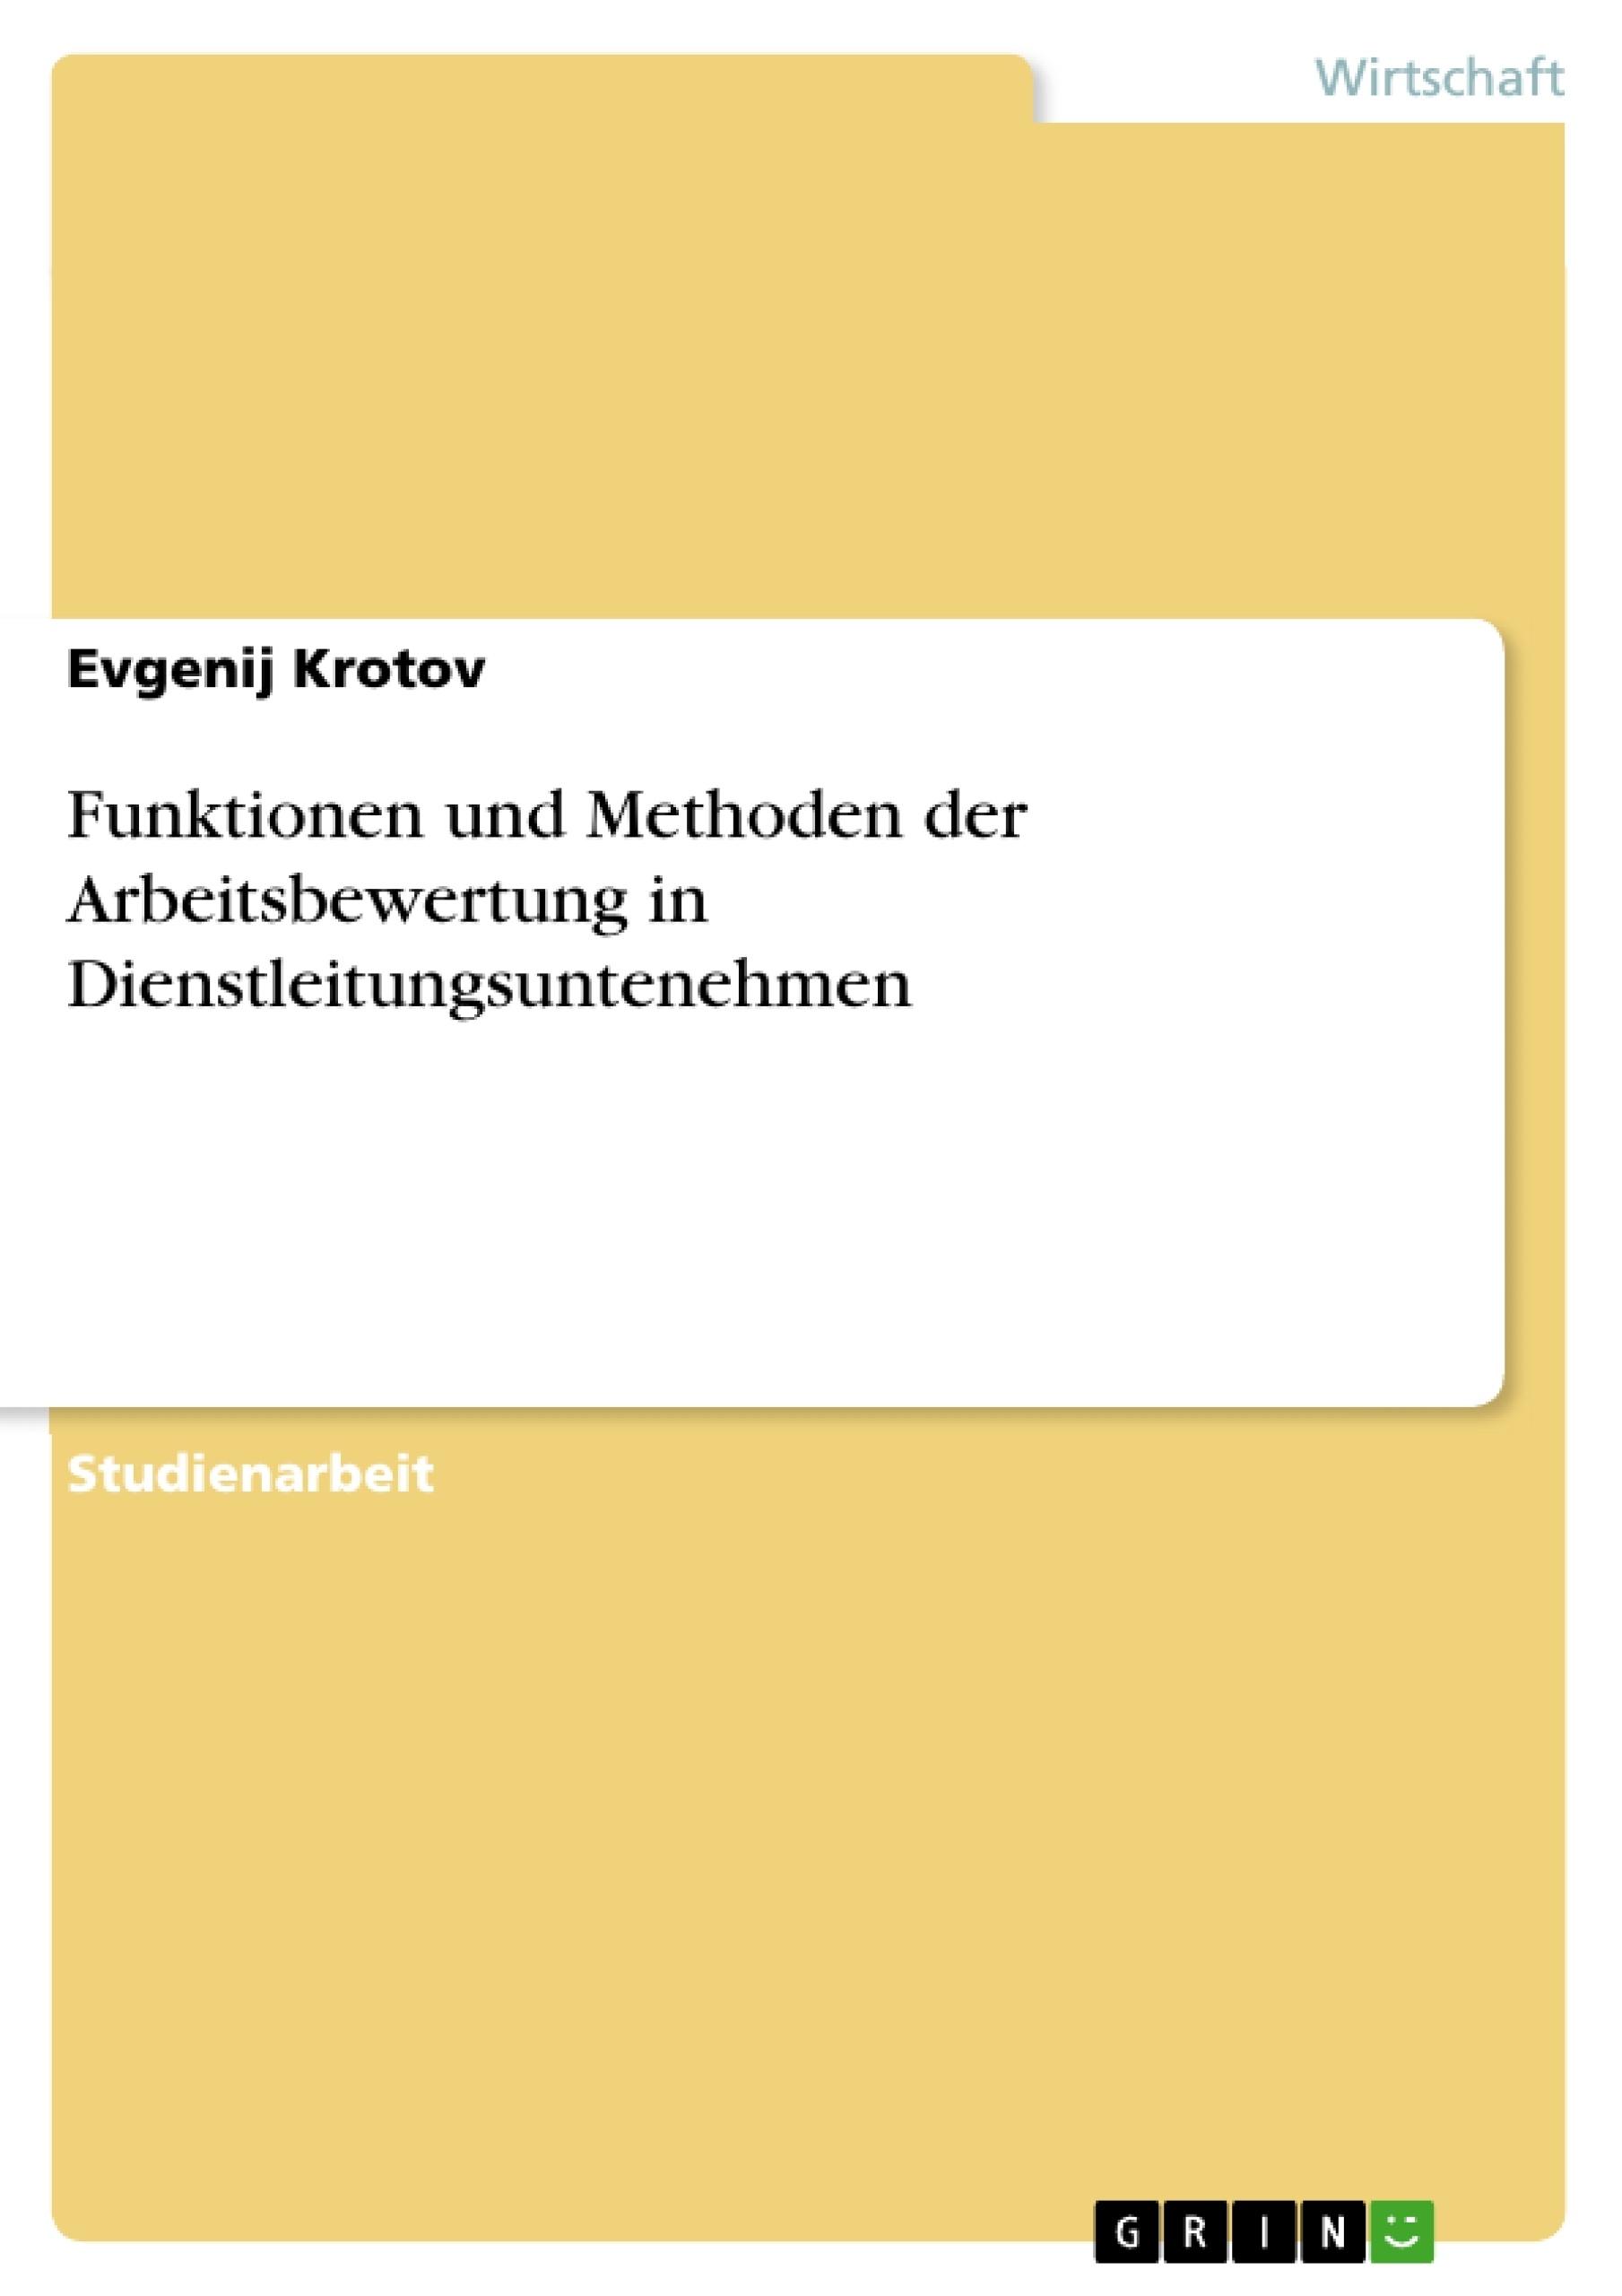 Titel: Funktionen und Methoden der Arbeitsbewertung in Dienstleitungsuntenehmen